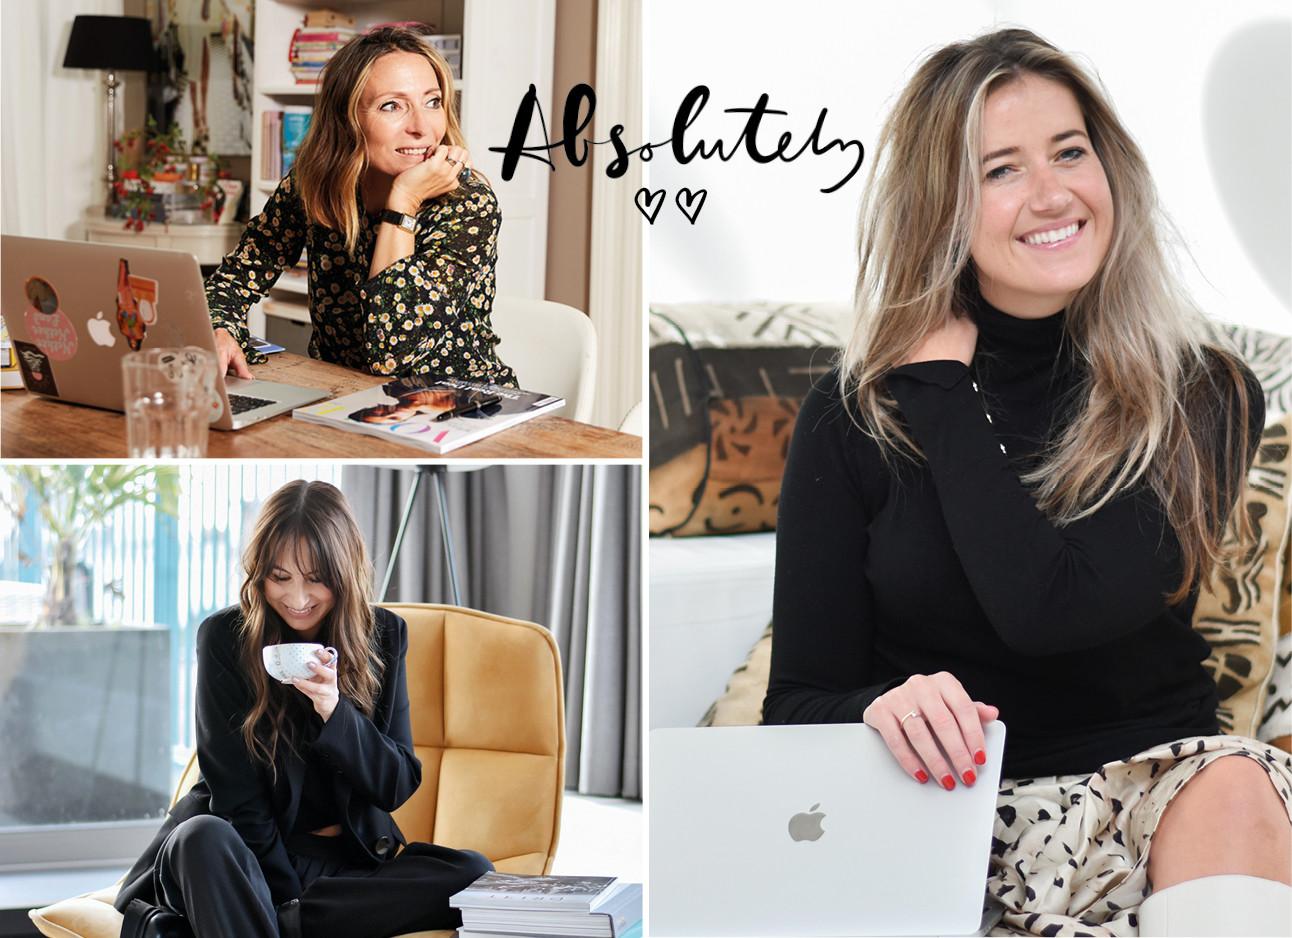 Lilian May-Britt en Tessa lachend met laptop